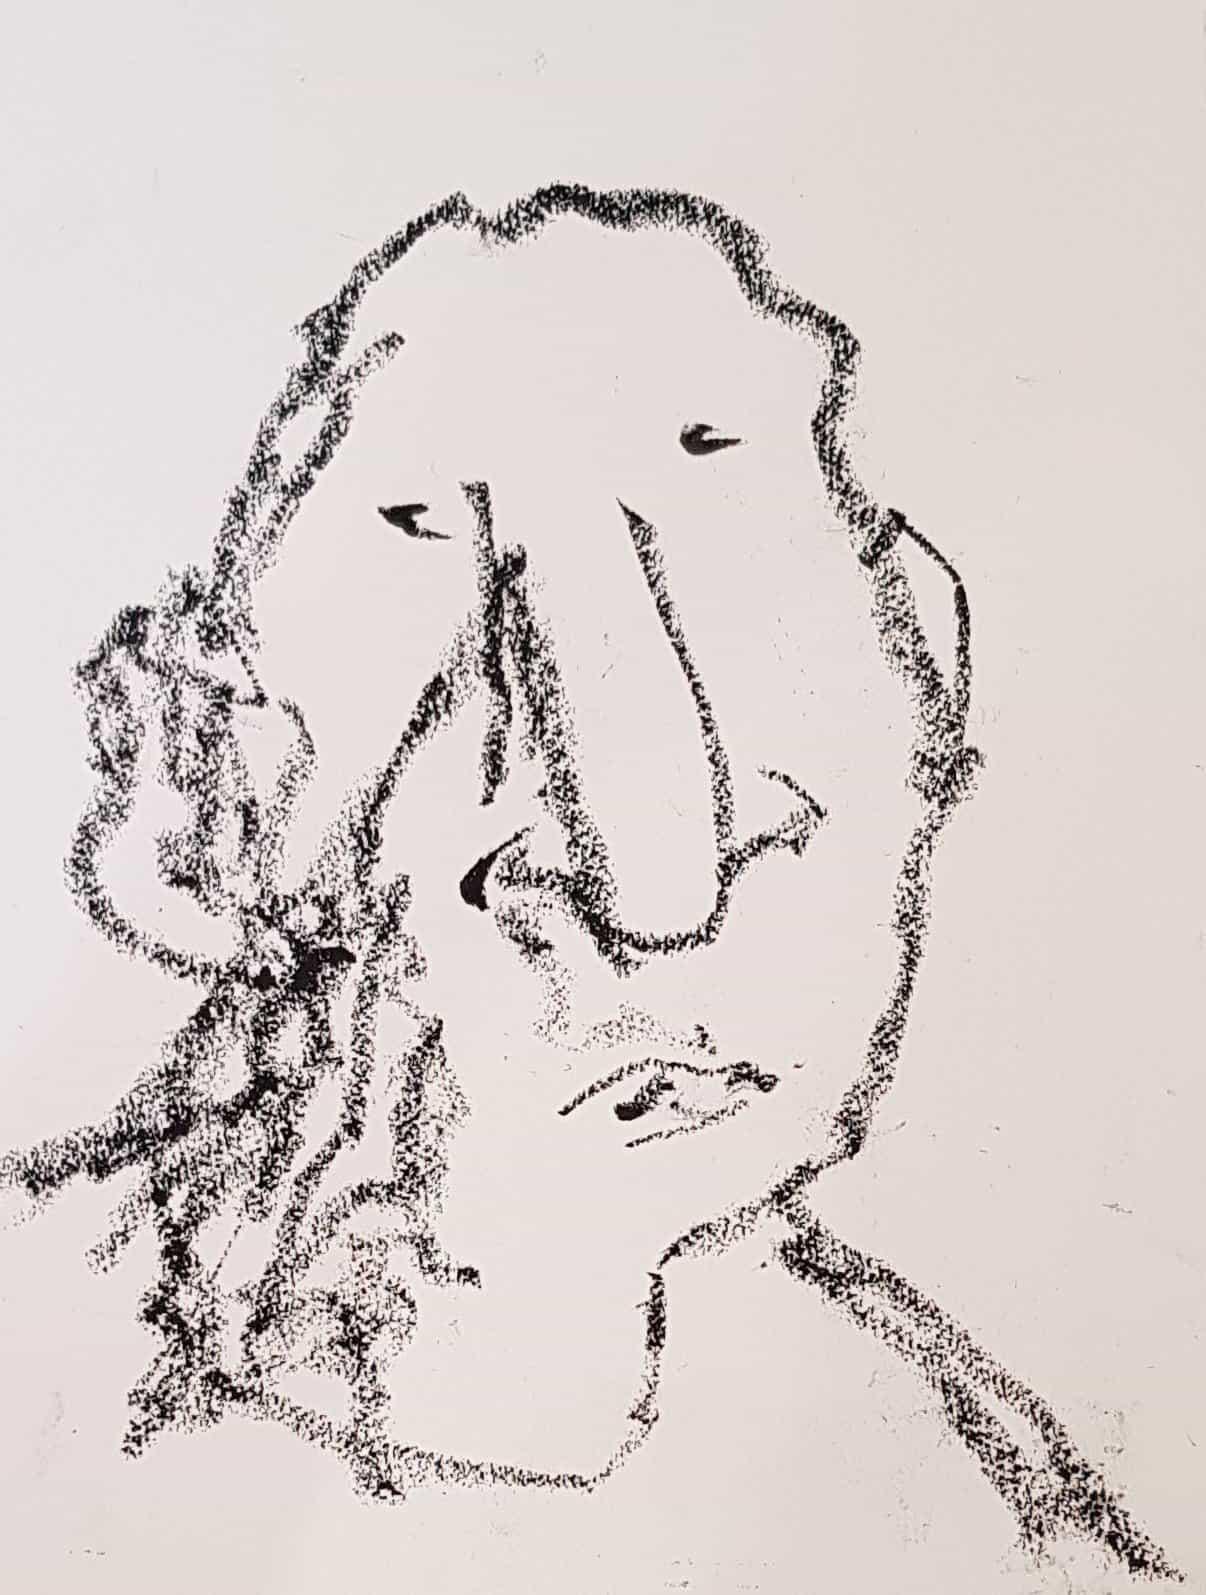 nueva exposición de 100 retratos de Quentin Blake muestra la vitalidad de la imaginación del octogenario